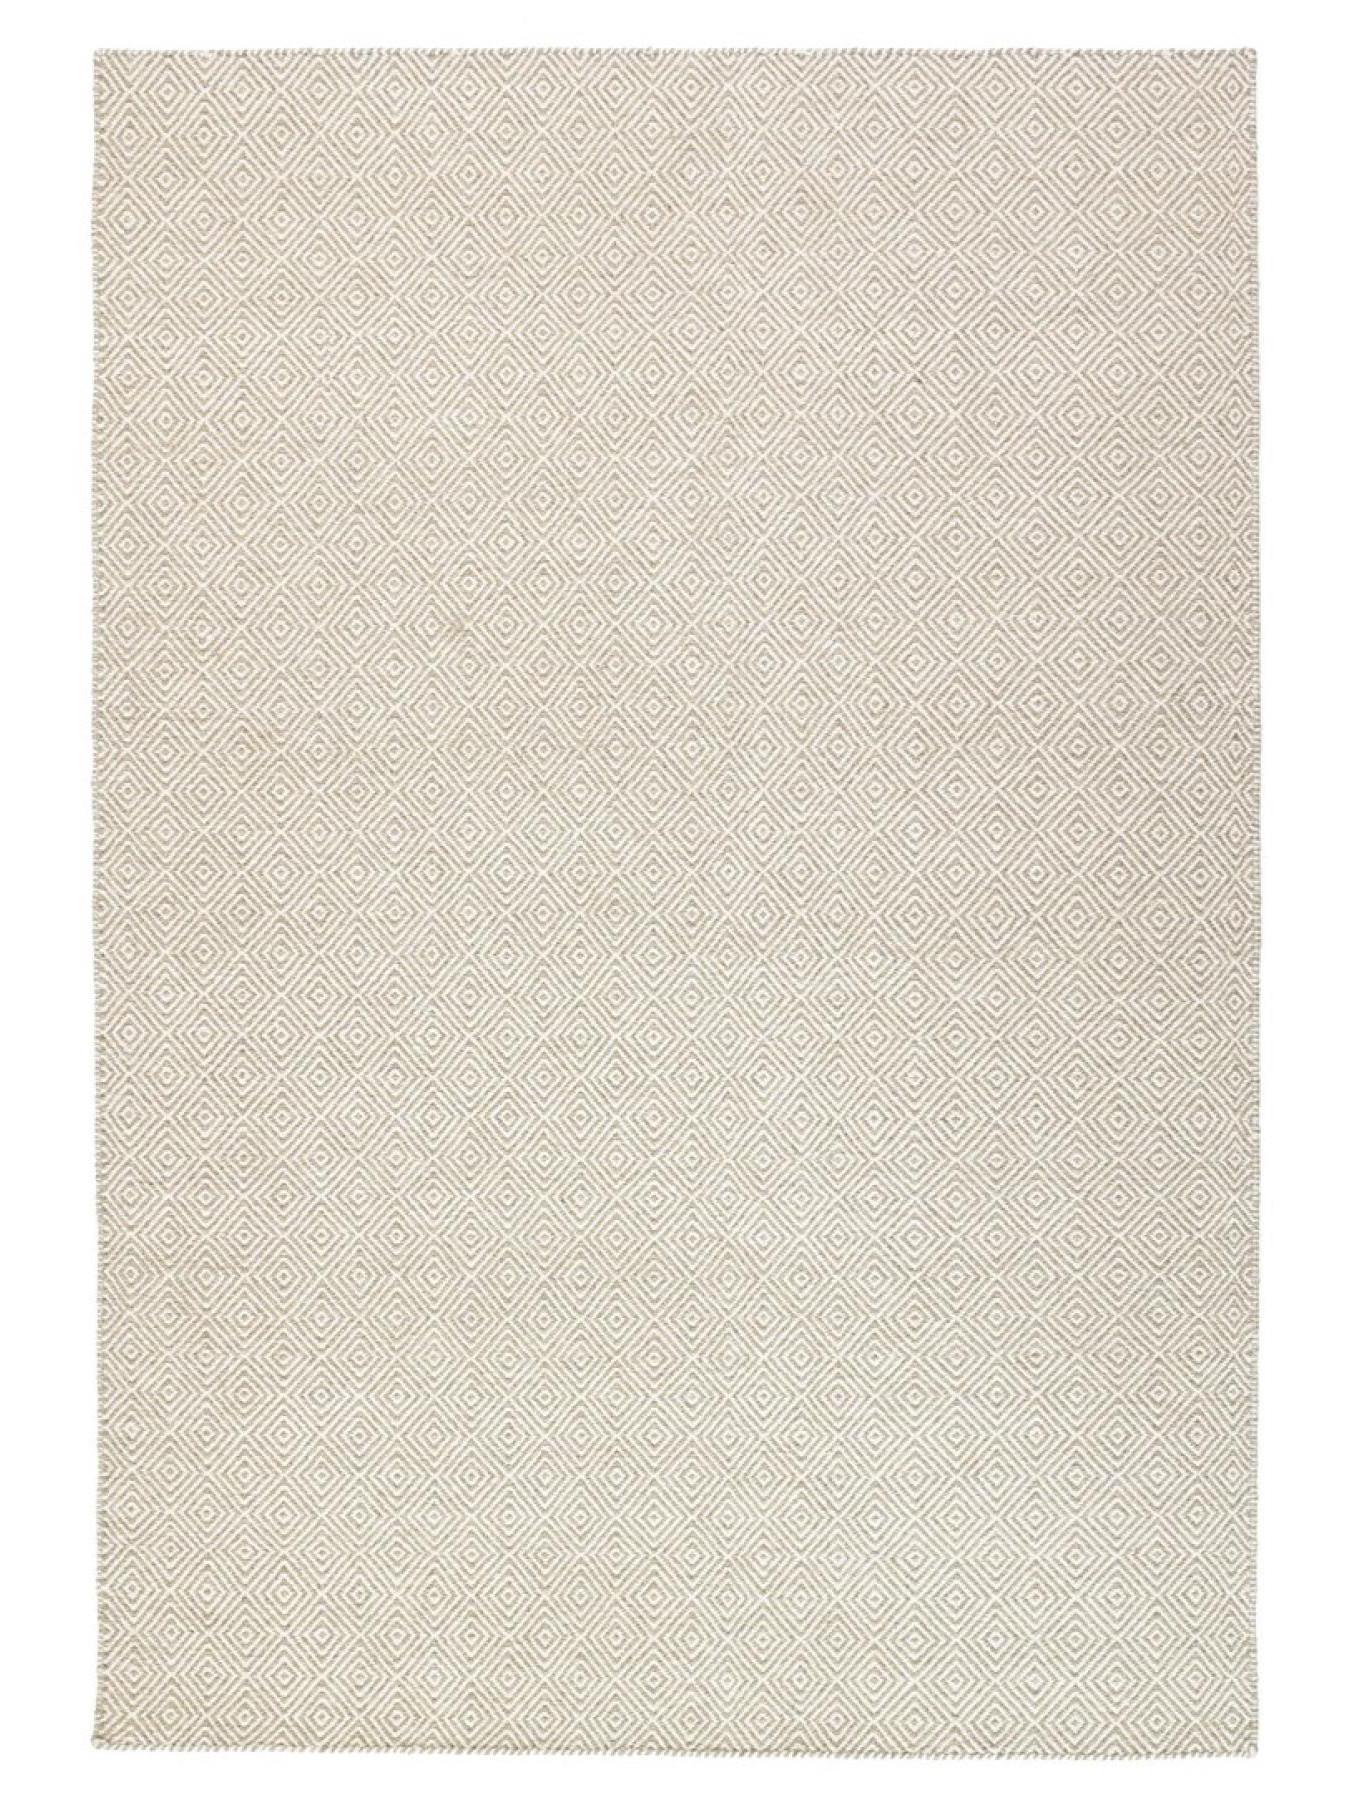 kilim 604 001 beige kilims modernes n 820 240x170cm. Black Bedroom Furniture Sets. Home Design Ideas